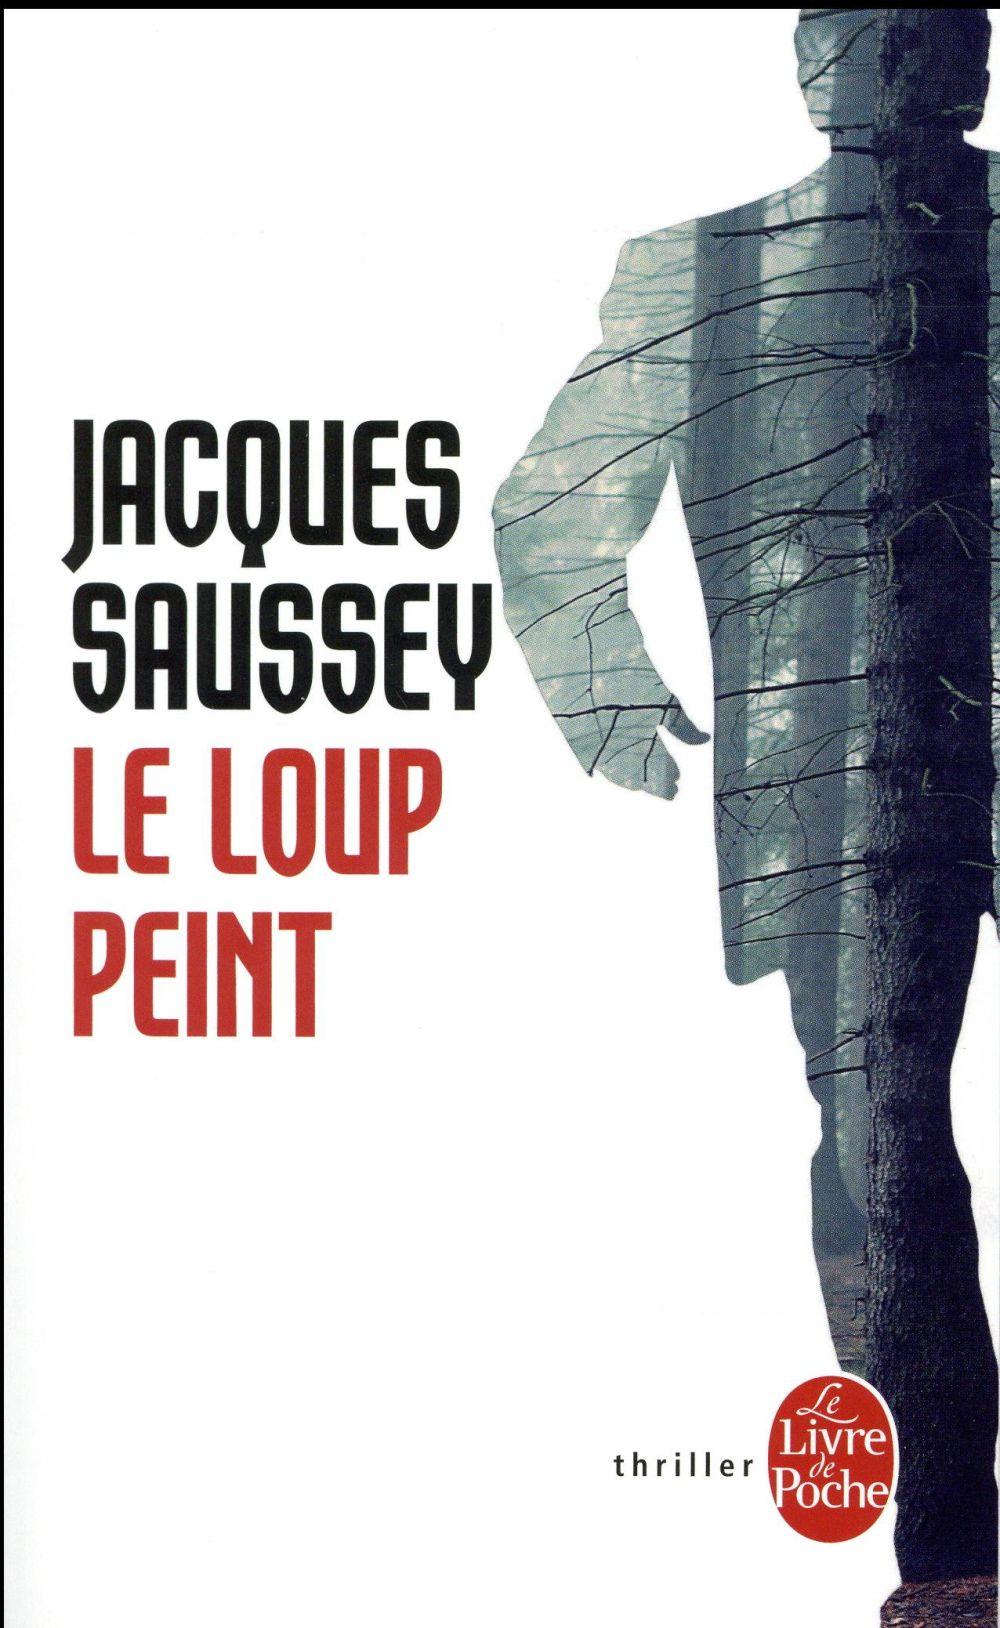 LE LOUP PEINT Saussey Jacques Le Livre de poche